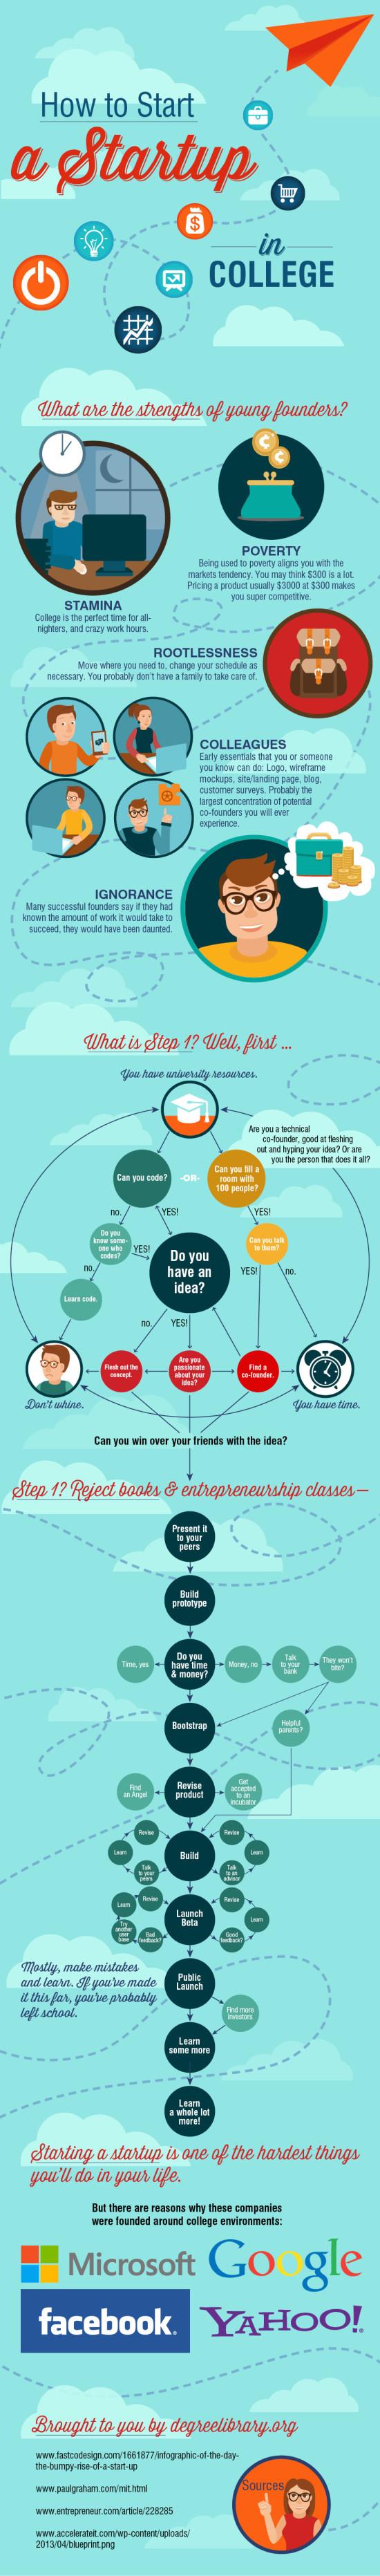 Jak zacit startup na vysoke skole - infografika